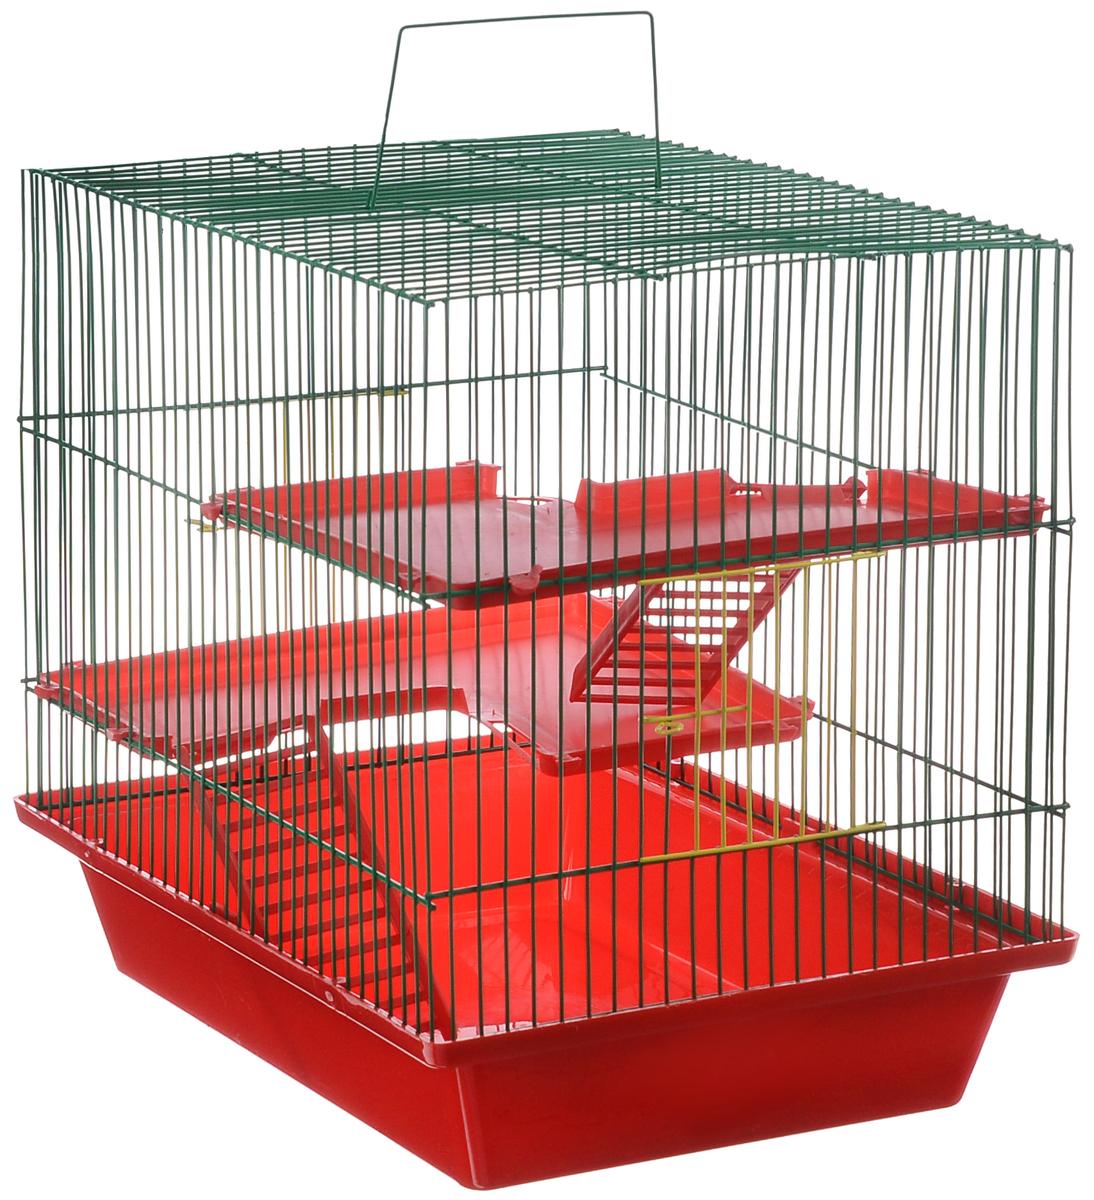 Клетка для грызунов ЗооМарк Гризли, 3-этажная, цвет: красный поддон, зеленая решетка, красные этажи, 41 х 30 х 36 см230КЗКлетка ЗооМарк Гризли, выполненная из полипропилена и металла, подходит для мелких грызунов. Изделие трехэтажное. Клетка имеет яркий поддон, удобна в использовании и легко чистится. Сверху имеется ручка для переноски. Такая клетка станет уединенным личным пространством и уютным домиком для маленького грызуна.